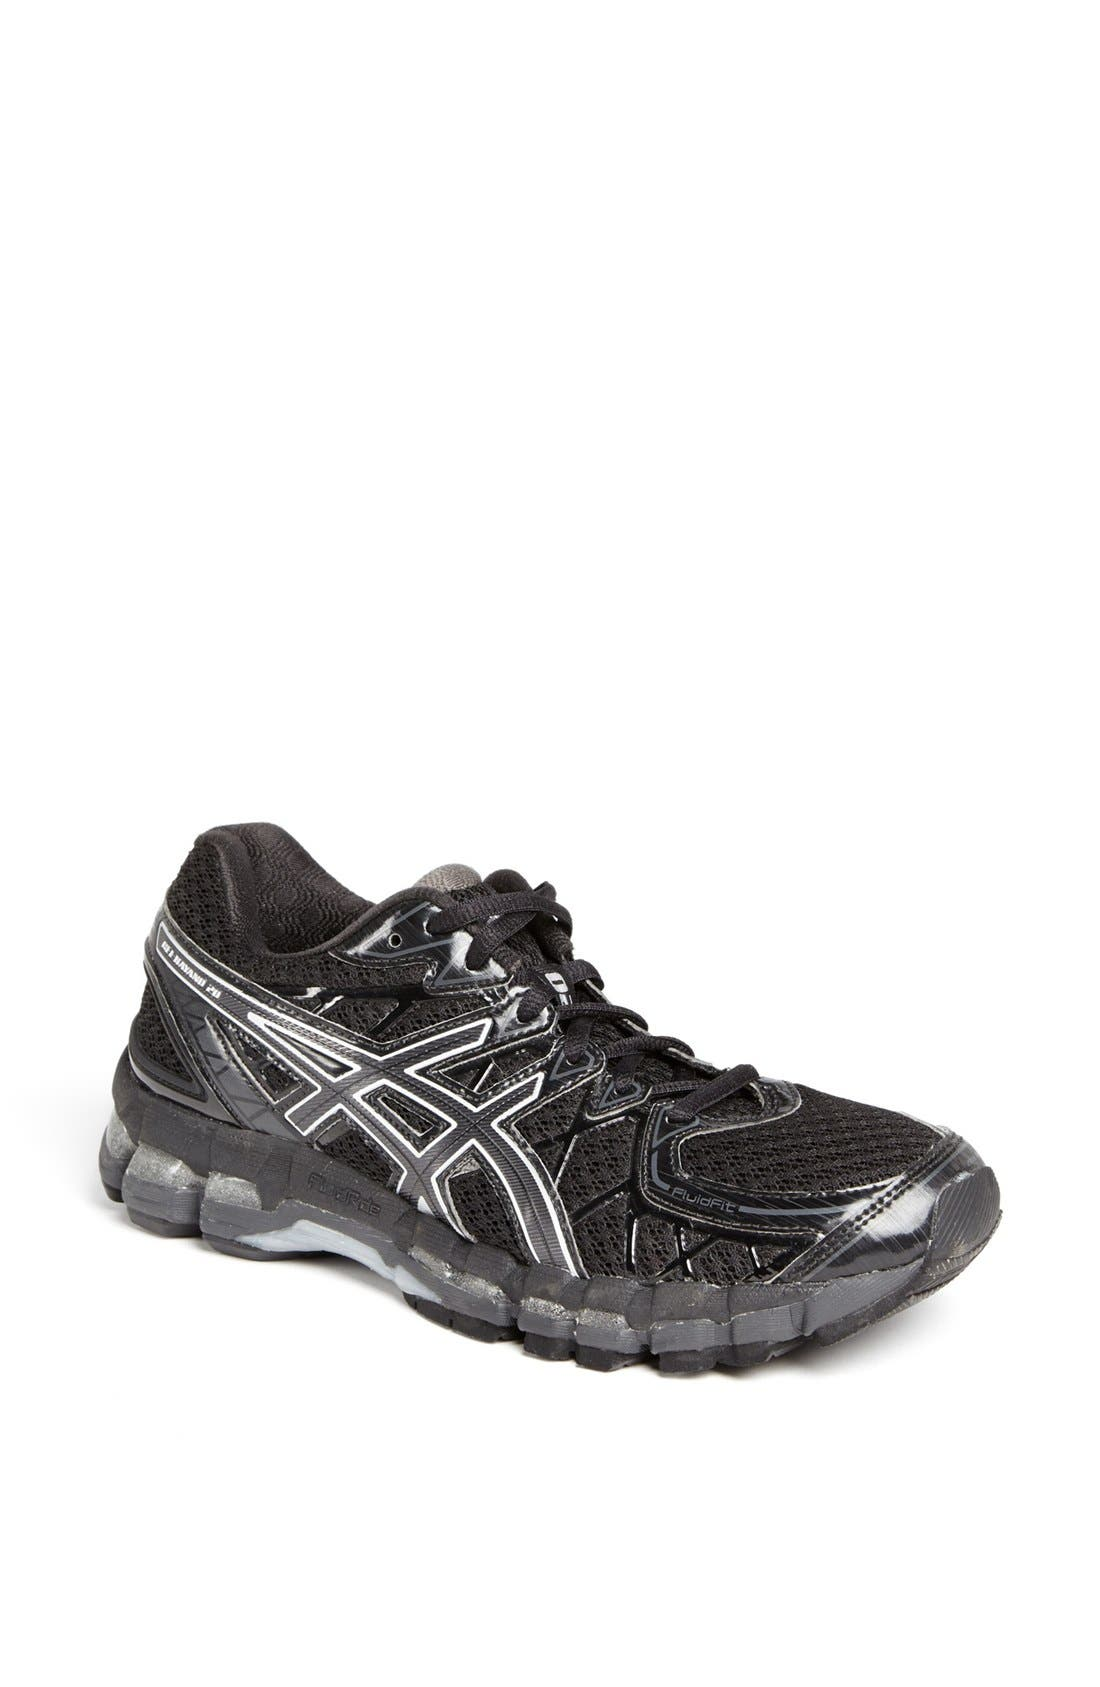 Alternate Image 1 Selected - ASICS® 'GEL-Kayano® 20' Running Shoe (Women)